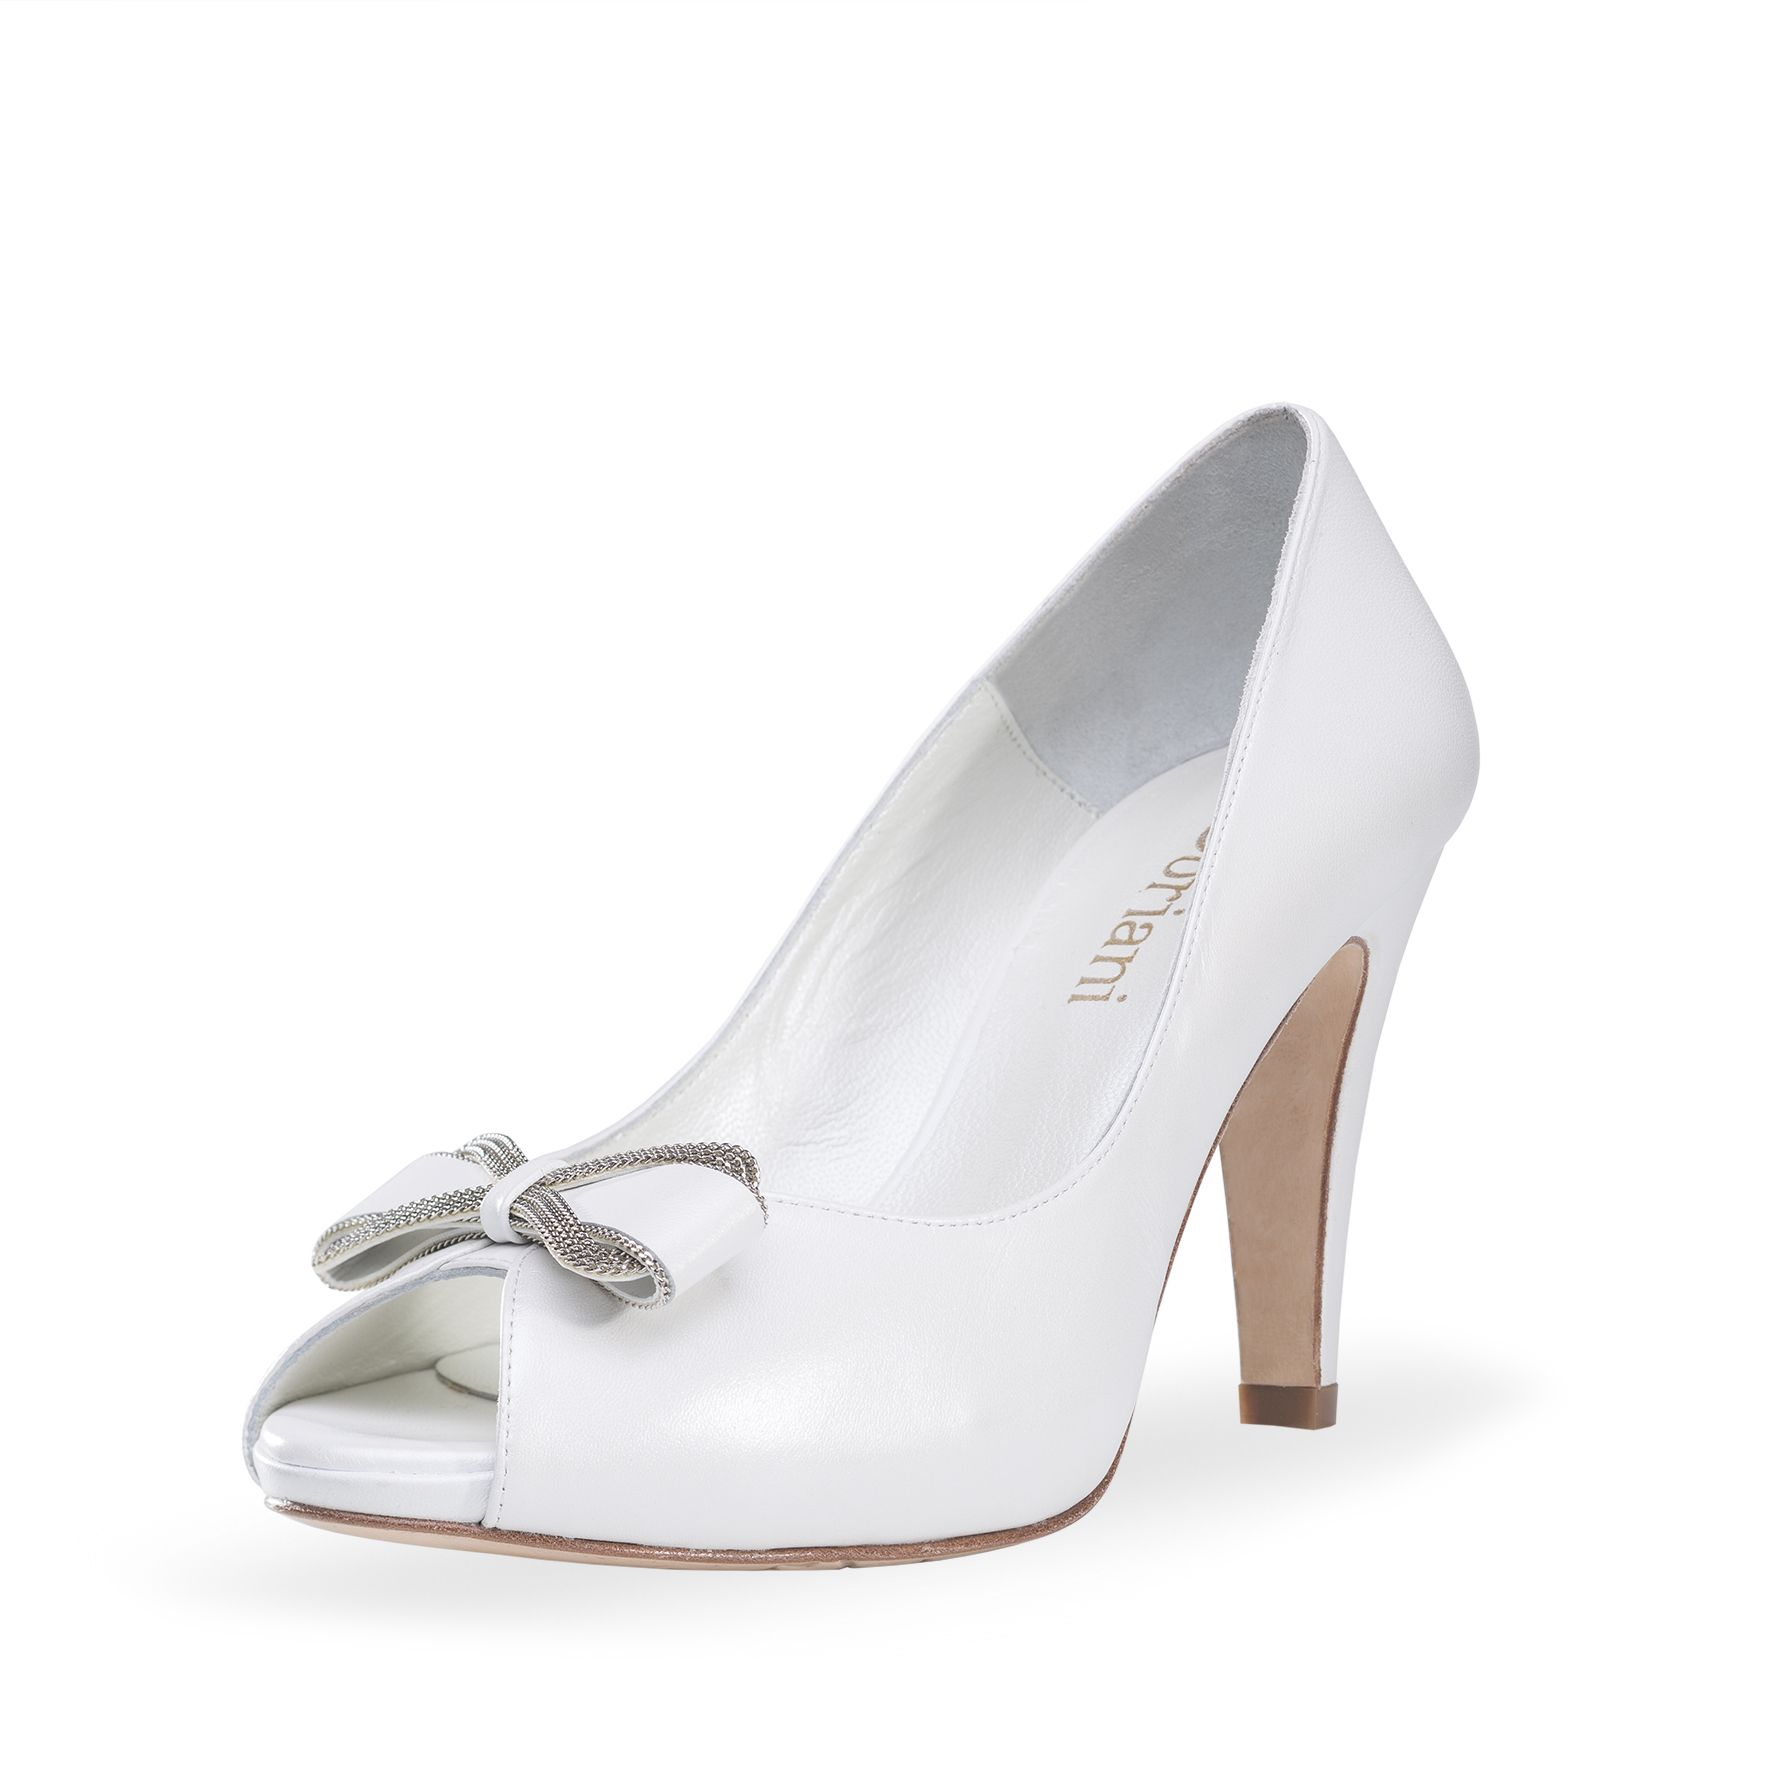 3506 noviaDoriani NOVIA para 8 peep zapato te TkZiOXwPul